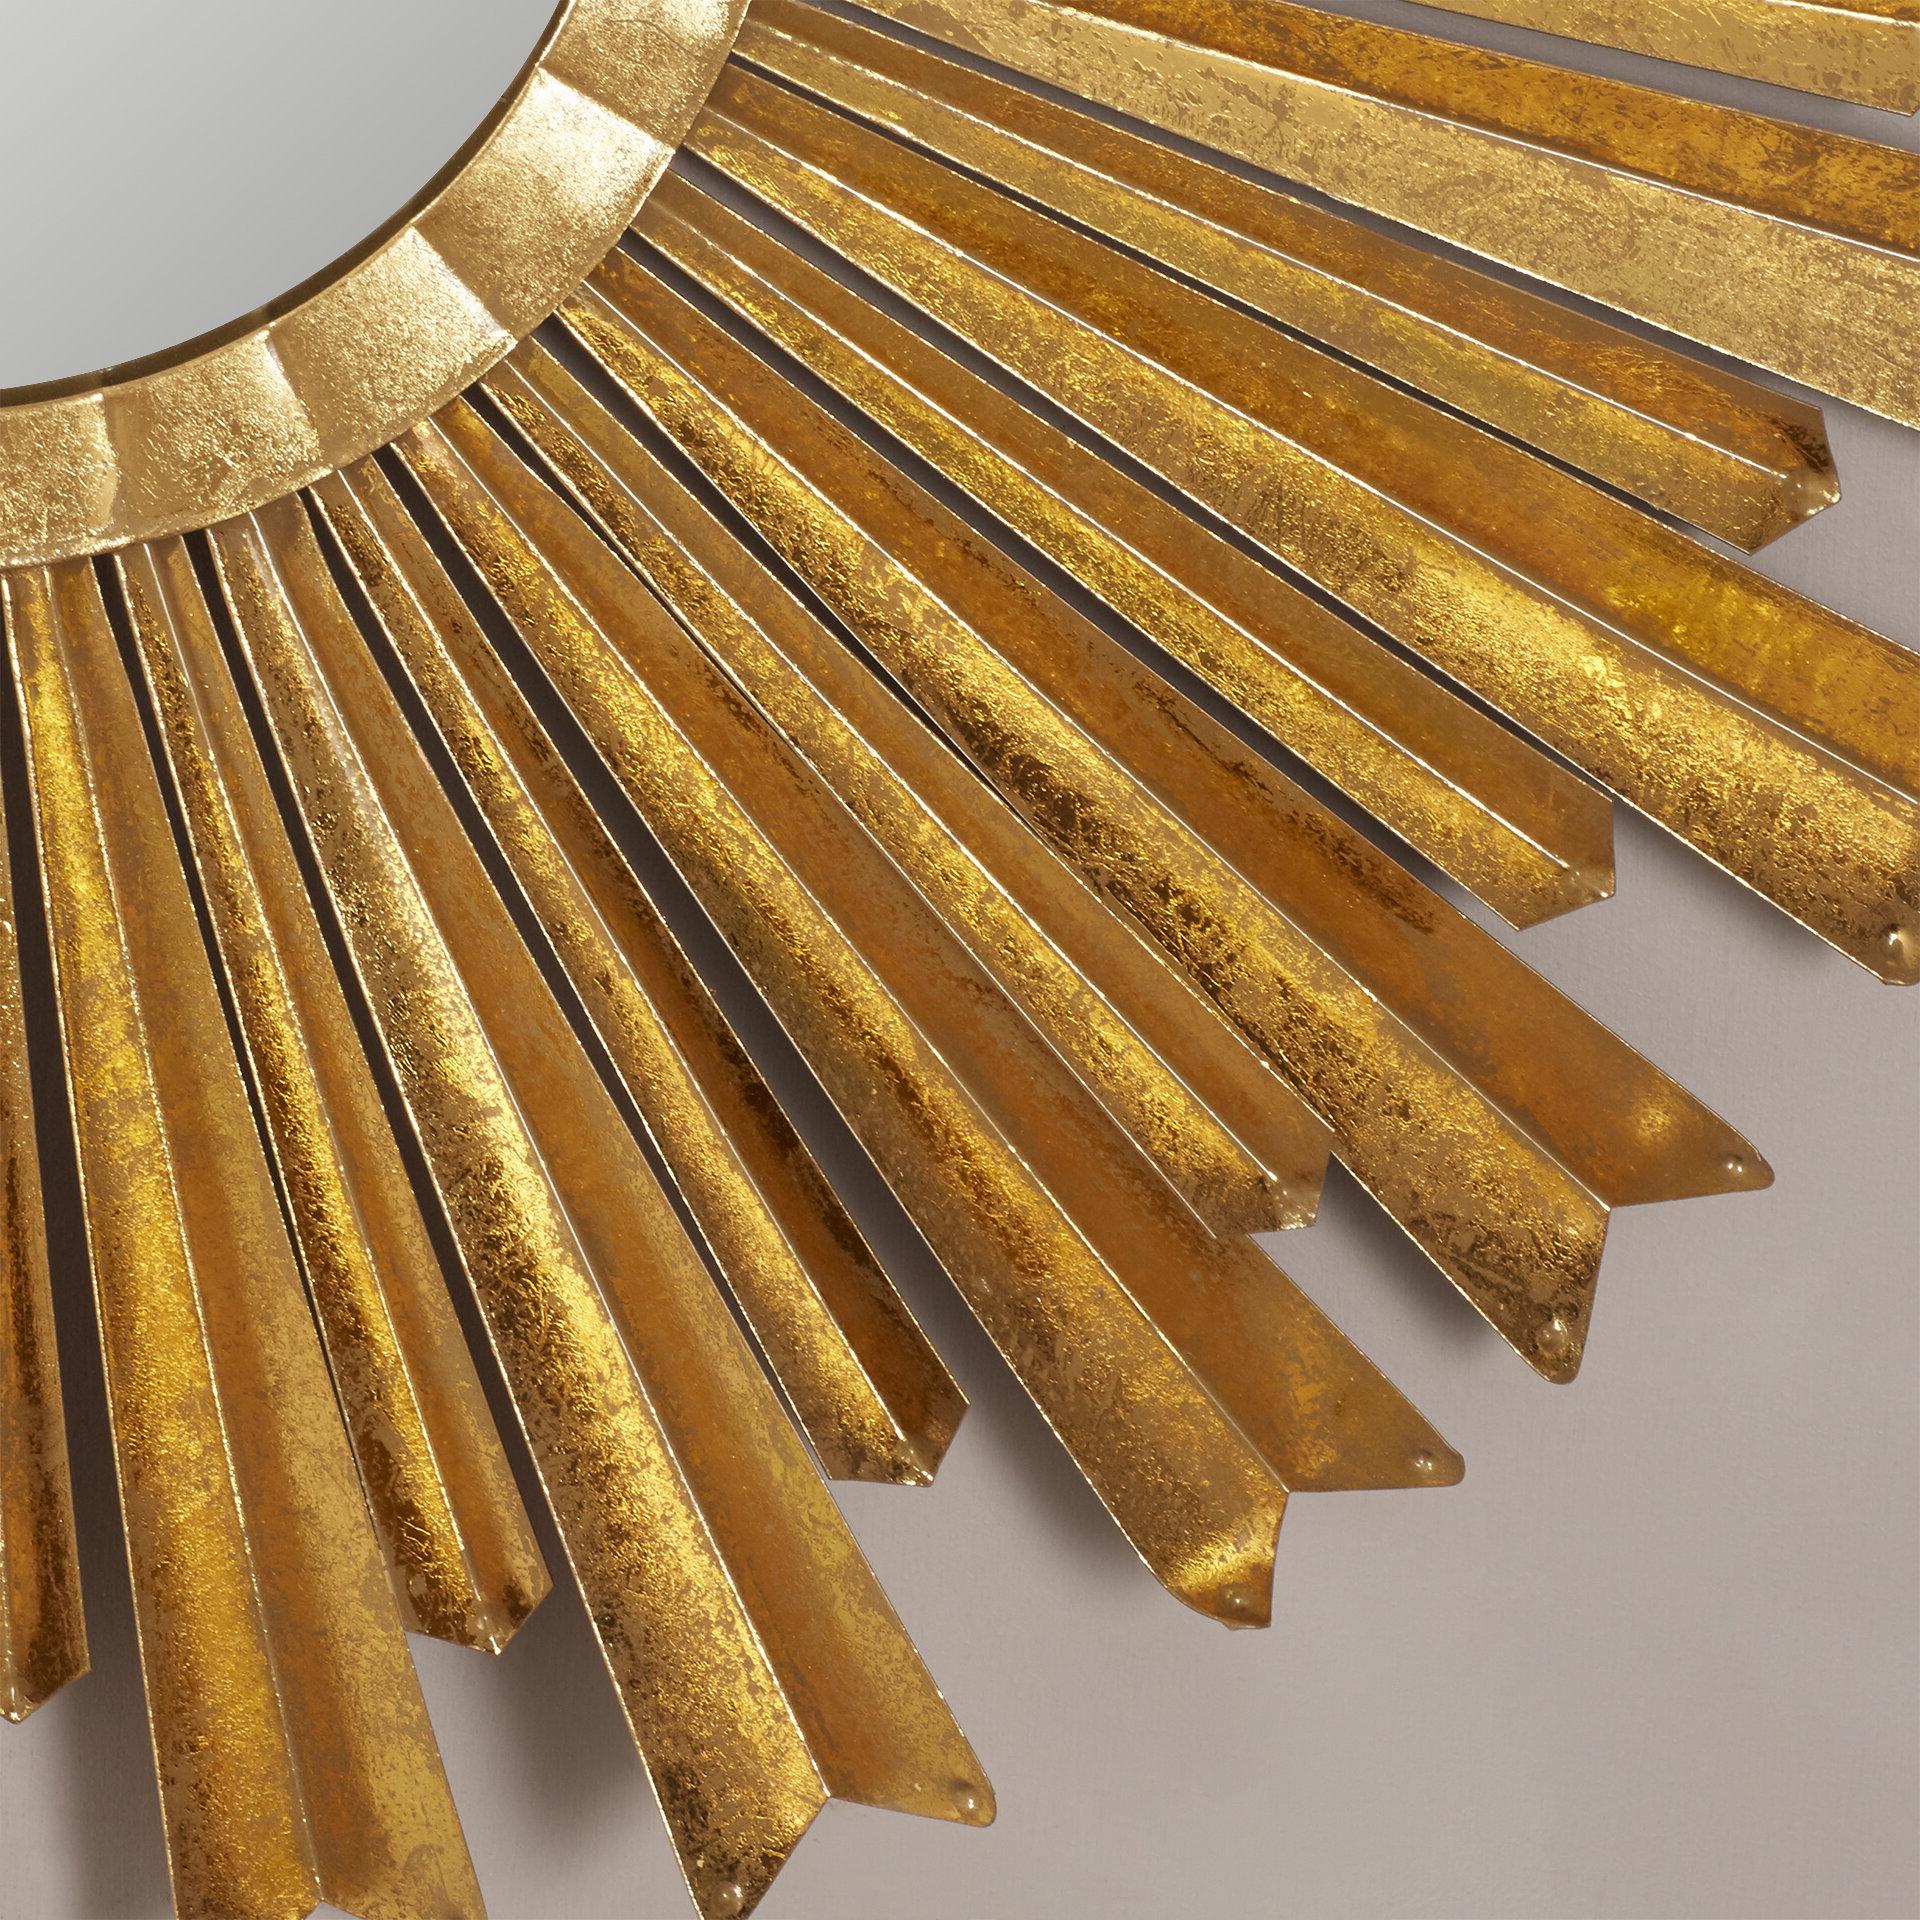 2020 Birksgate Sunburst Accent Mirrors Throughout Willa Arlo Interiors Birksgate Sunburst Accent Mirror (View 10 of 20)